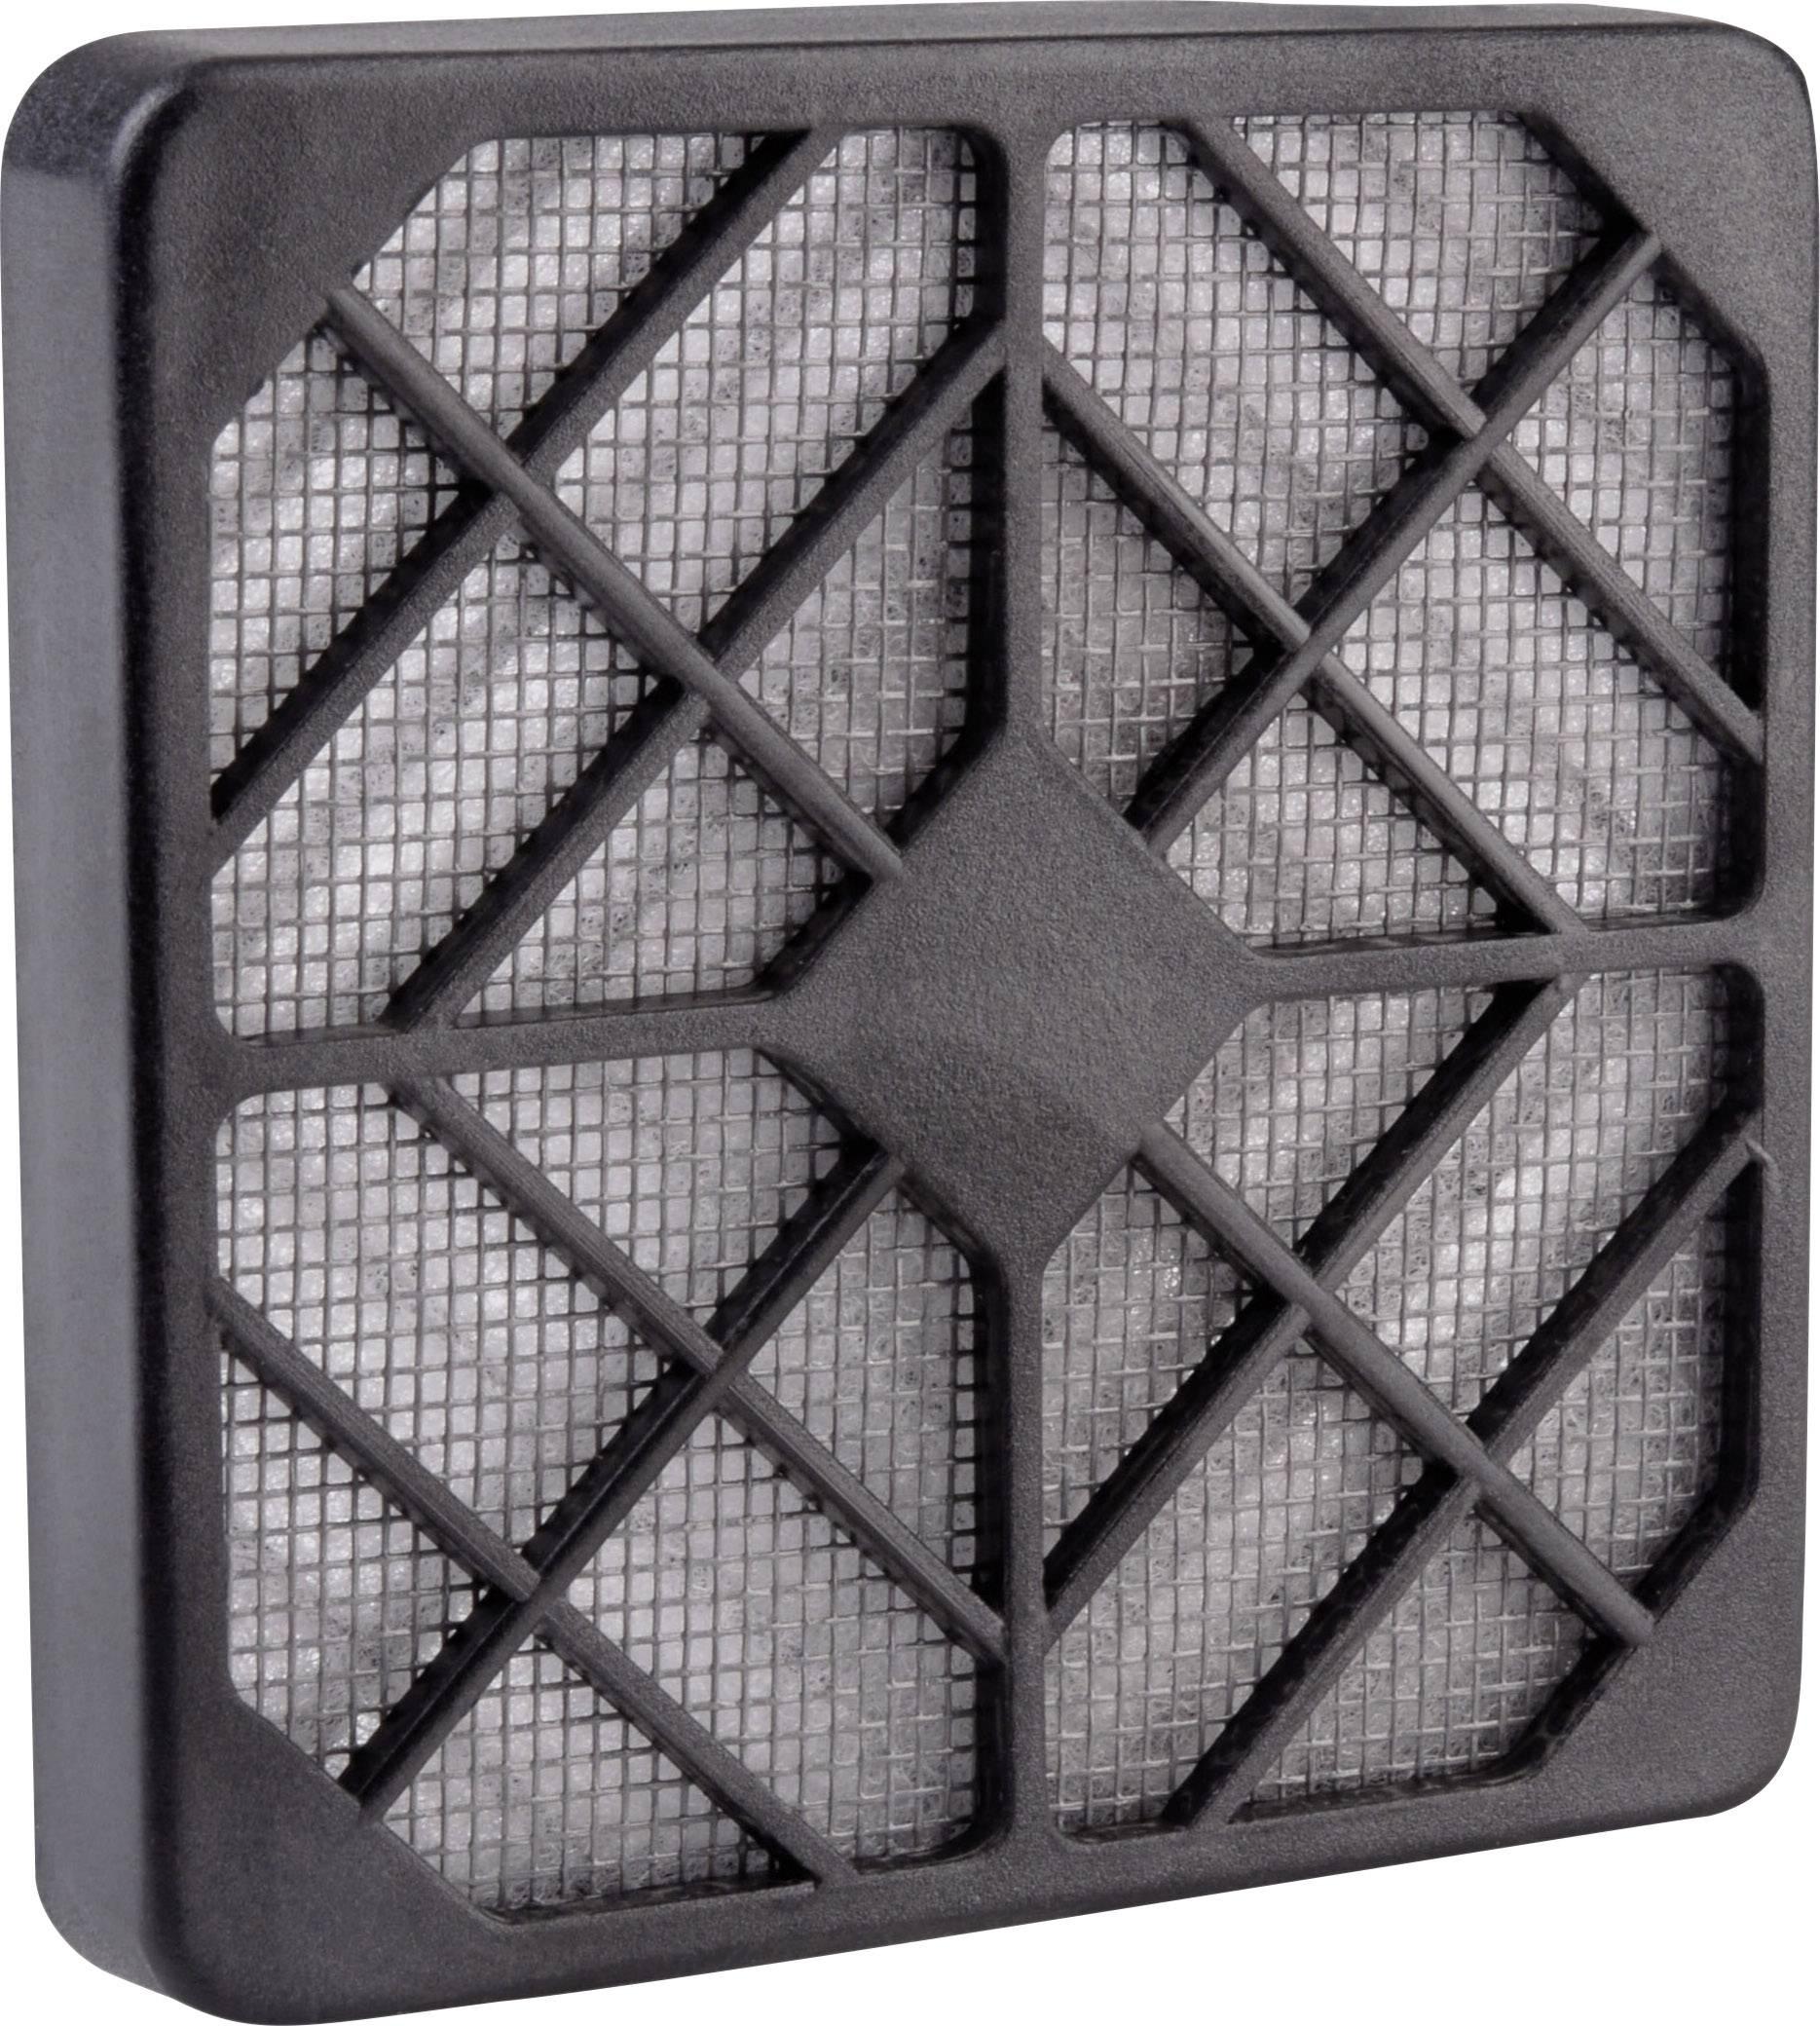 Ochranná plastová mriežka s filtrom Wallair 20100318, čierna